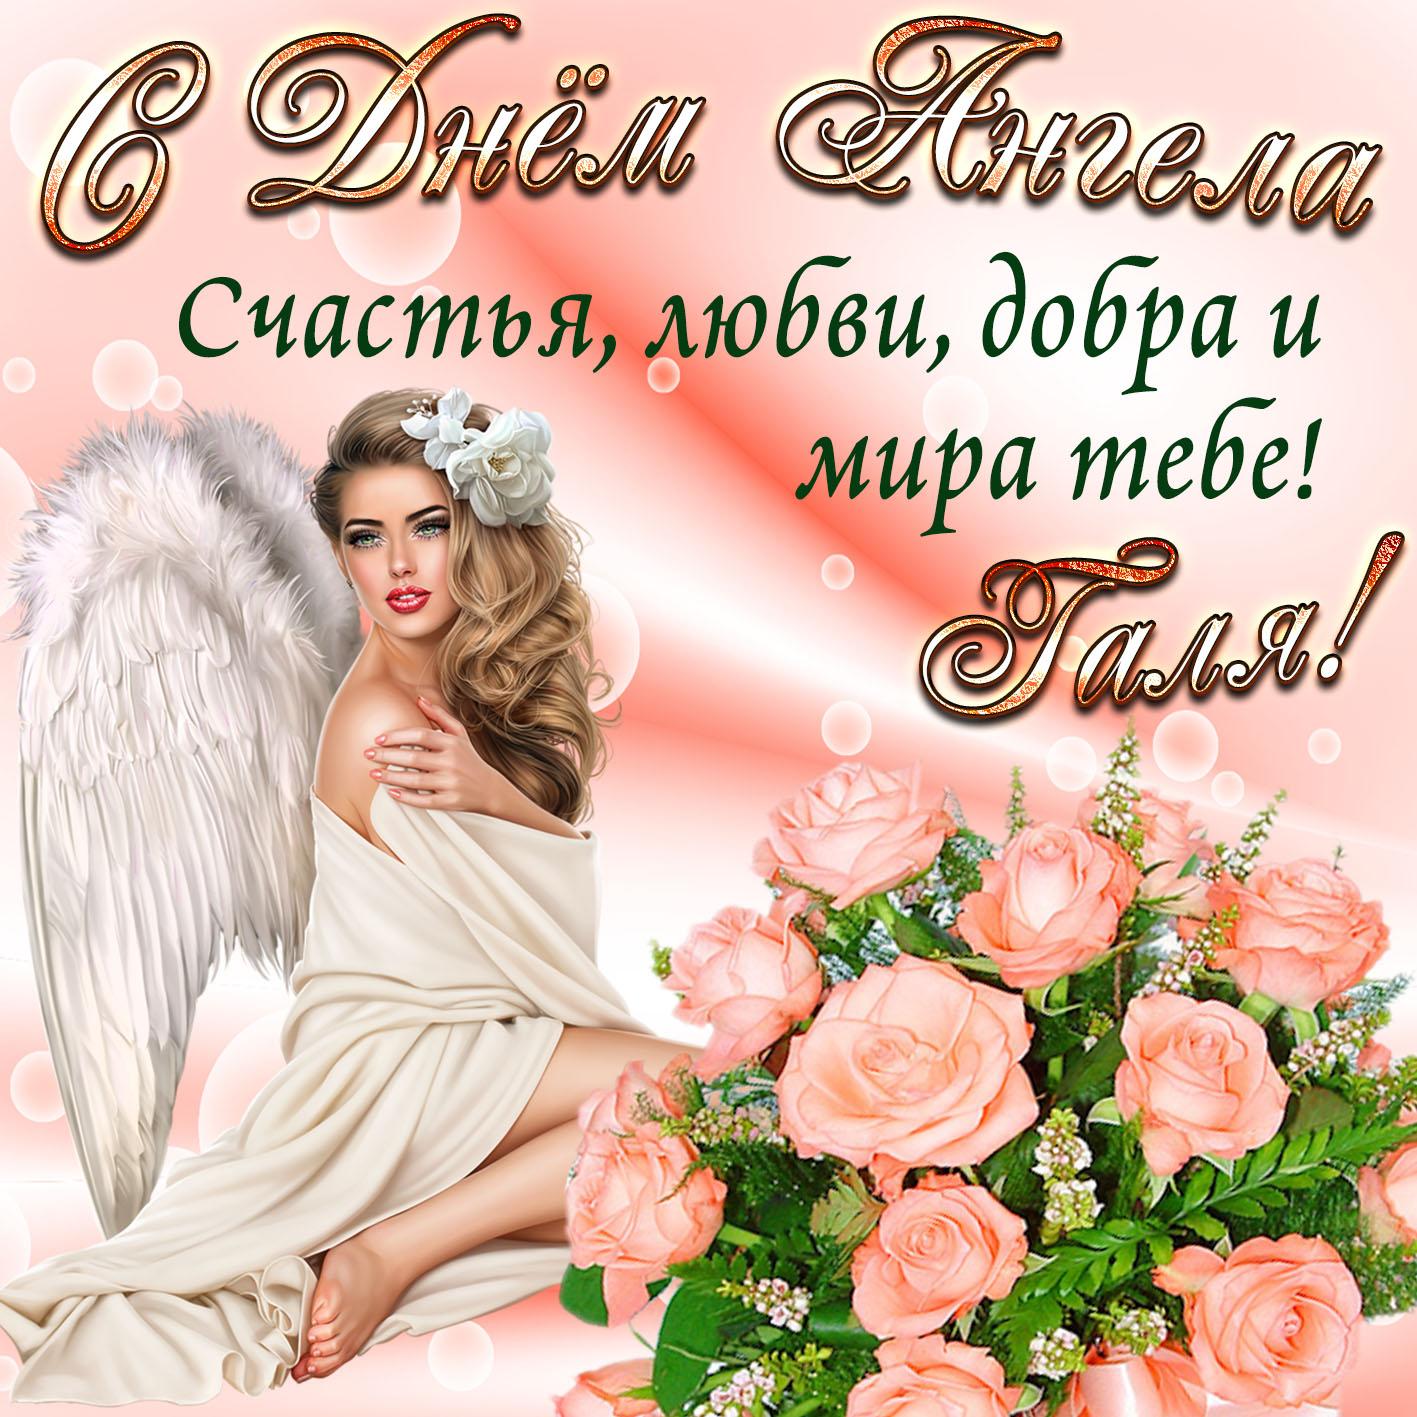 Марина день ангела открытки